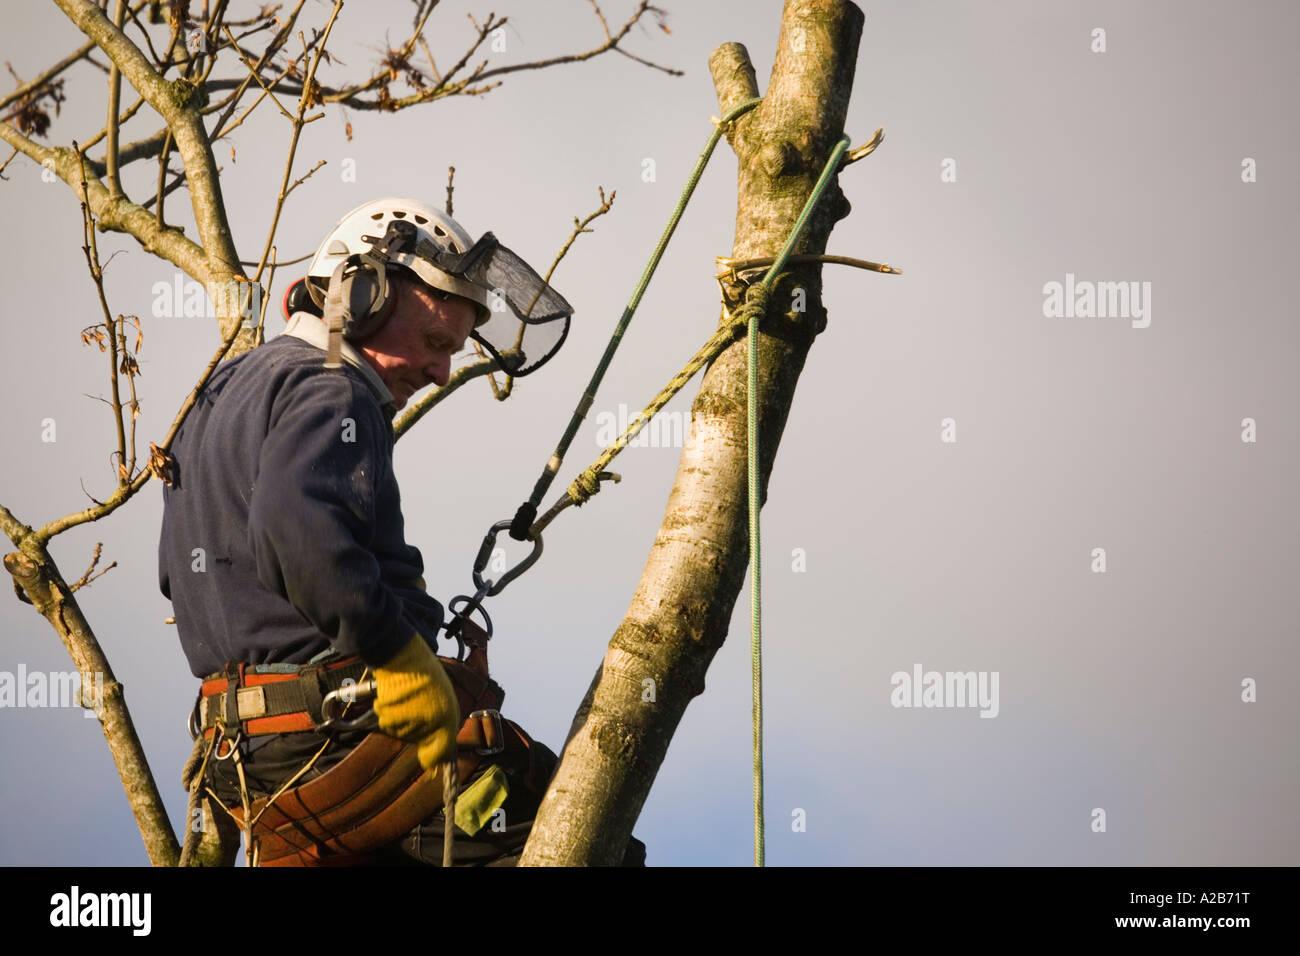 Klettergurt Seil Befestigen : Baumpfleger in aktion helm ohr protektoren gurt für die sicherheit